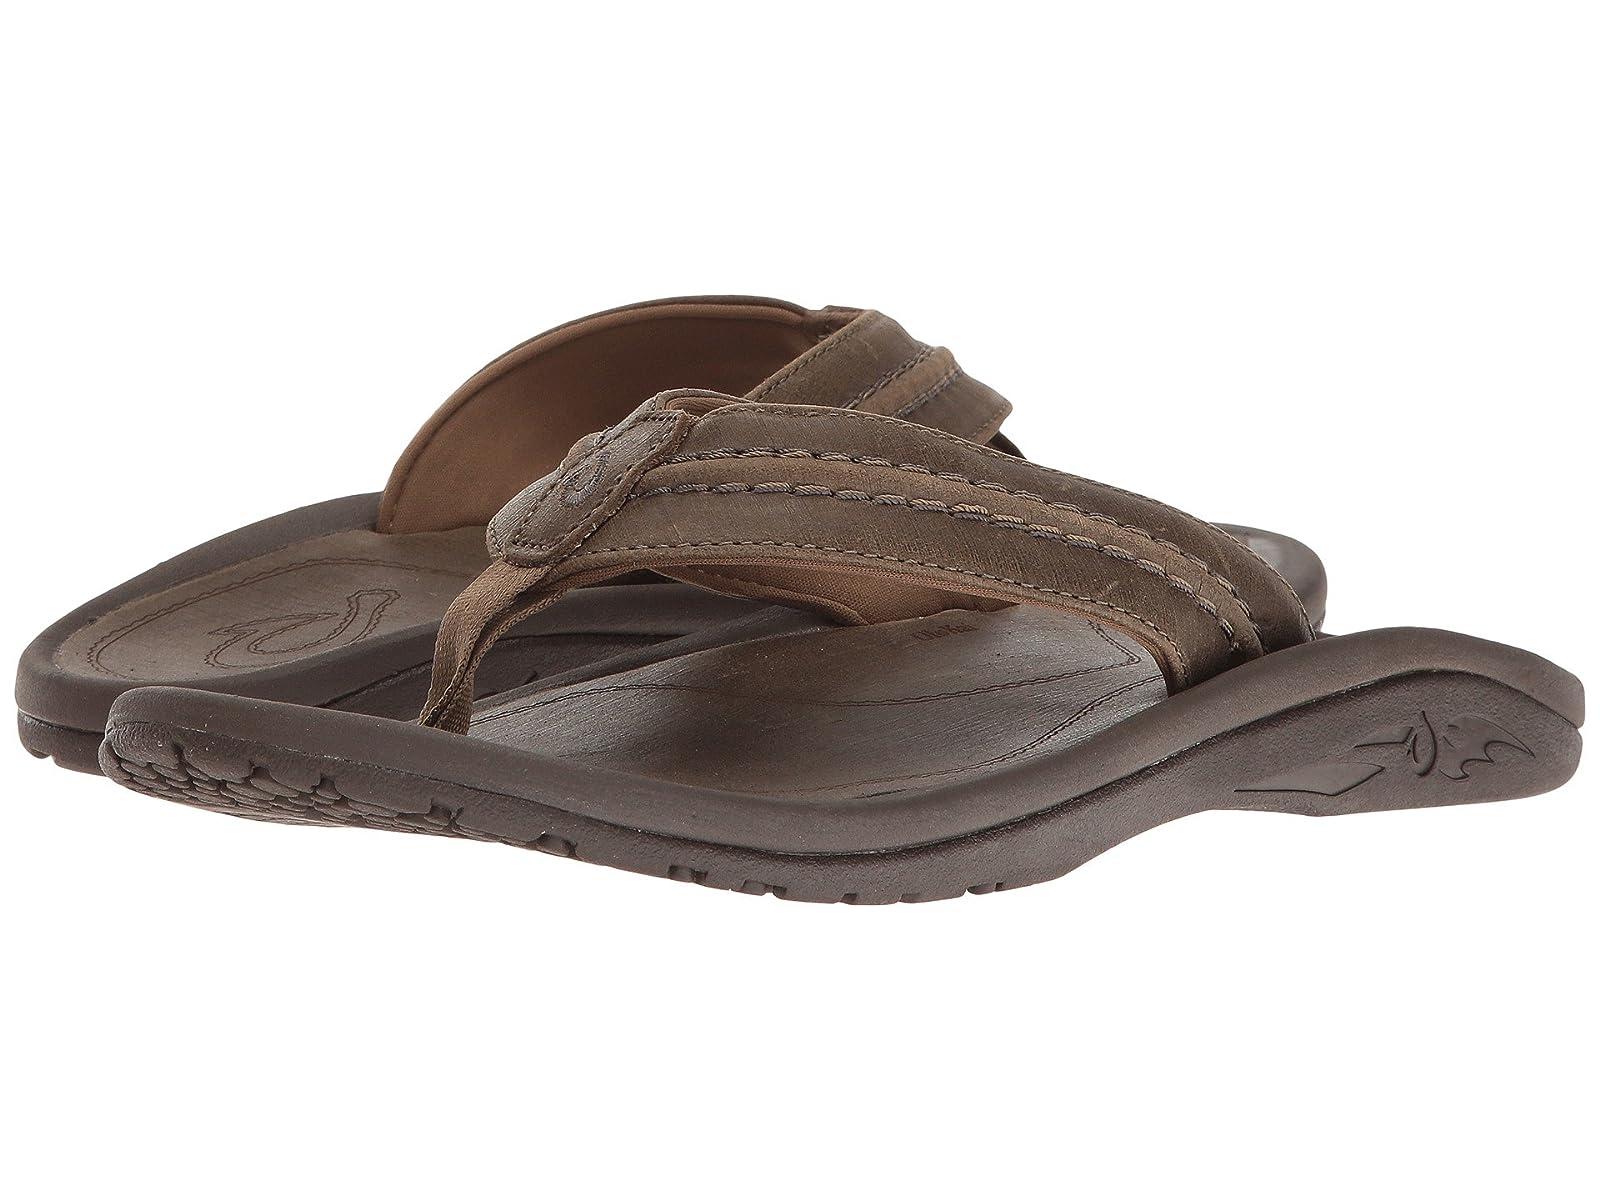 OluKai Hokua LeatherAtmospheric grades have affordable shoes